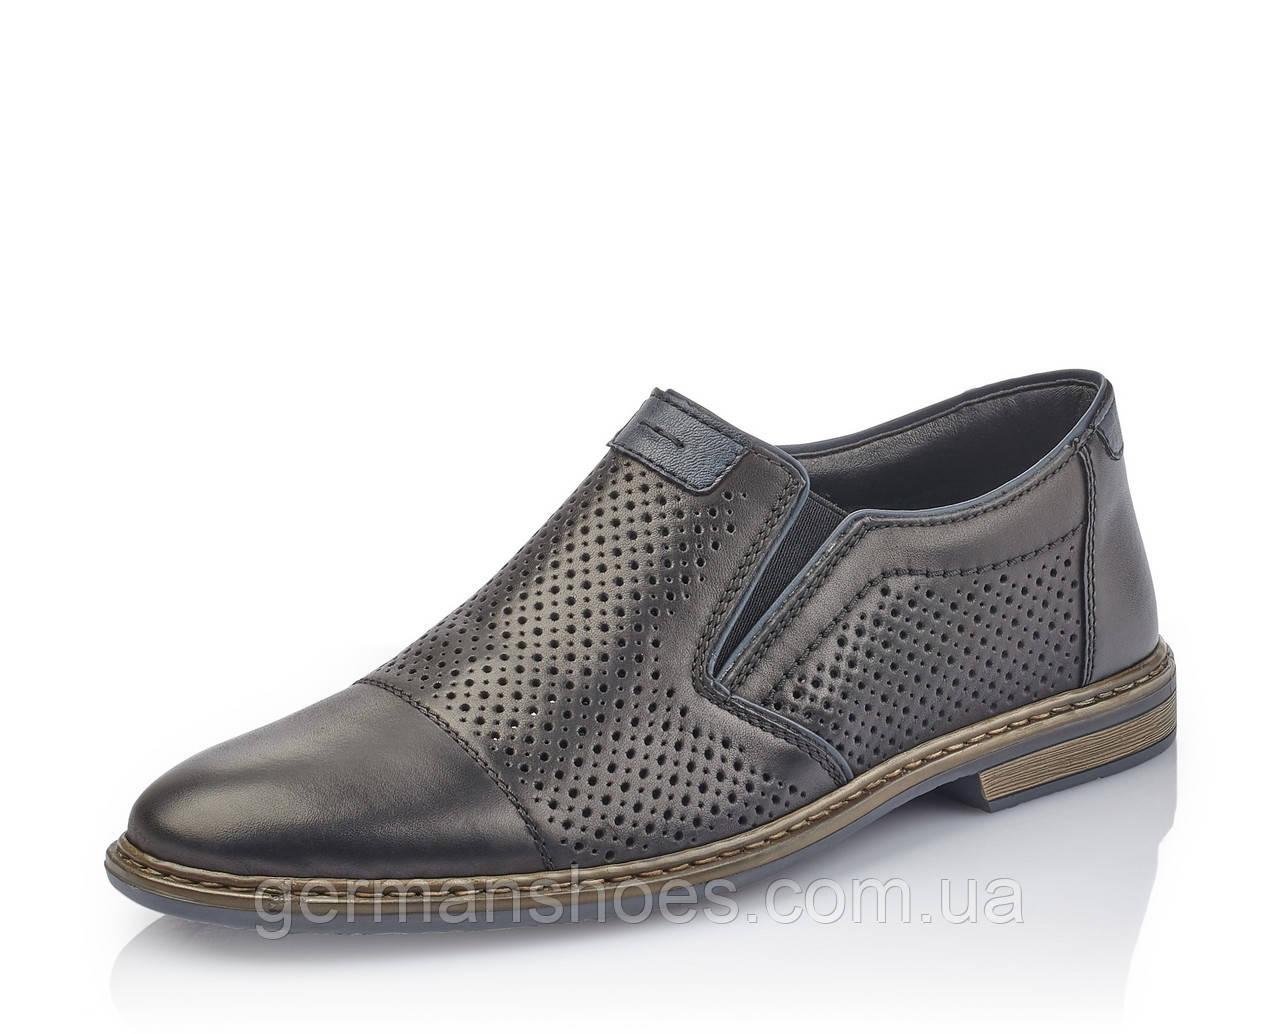 Туфли мужские Rieker 13496-01